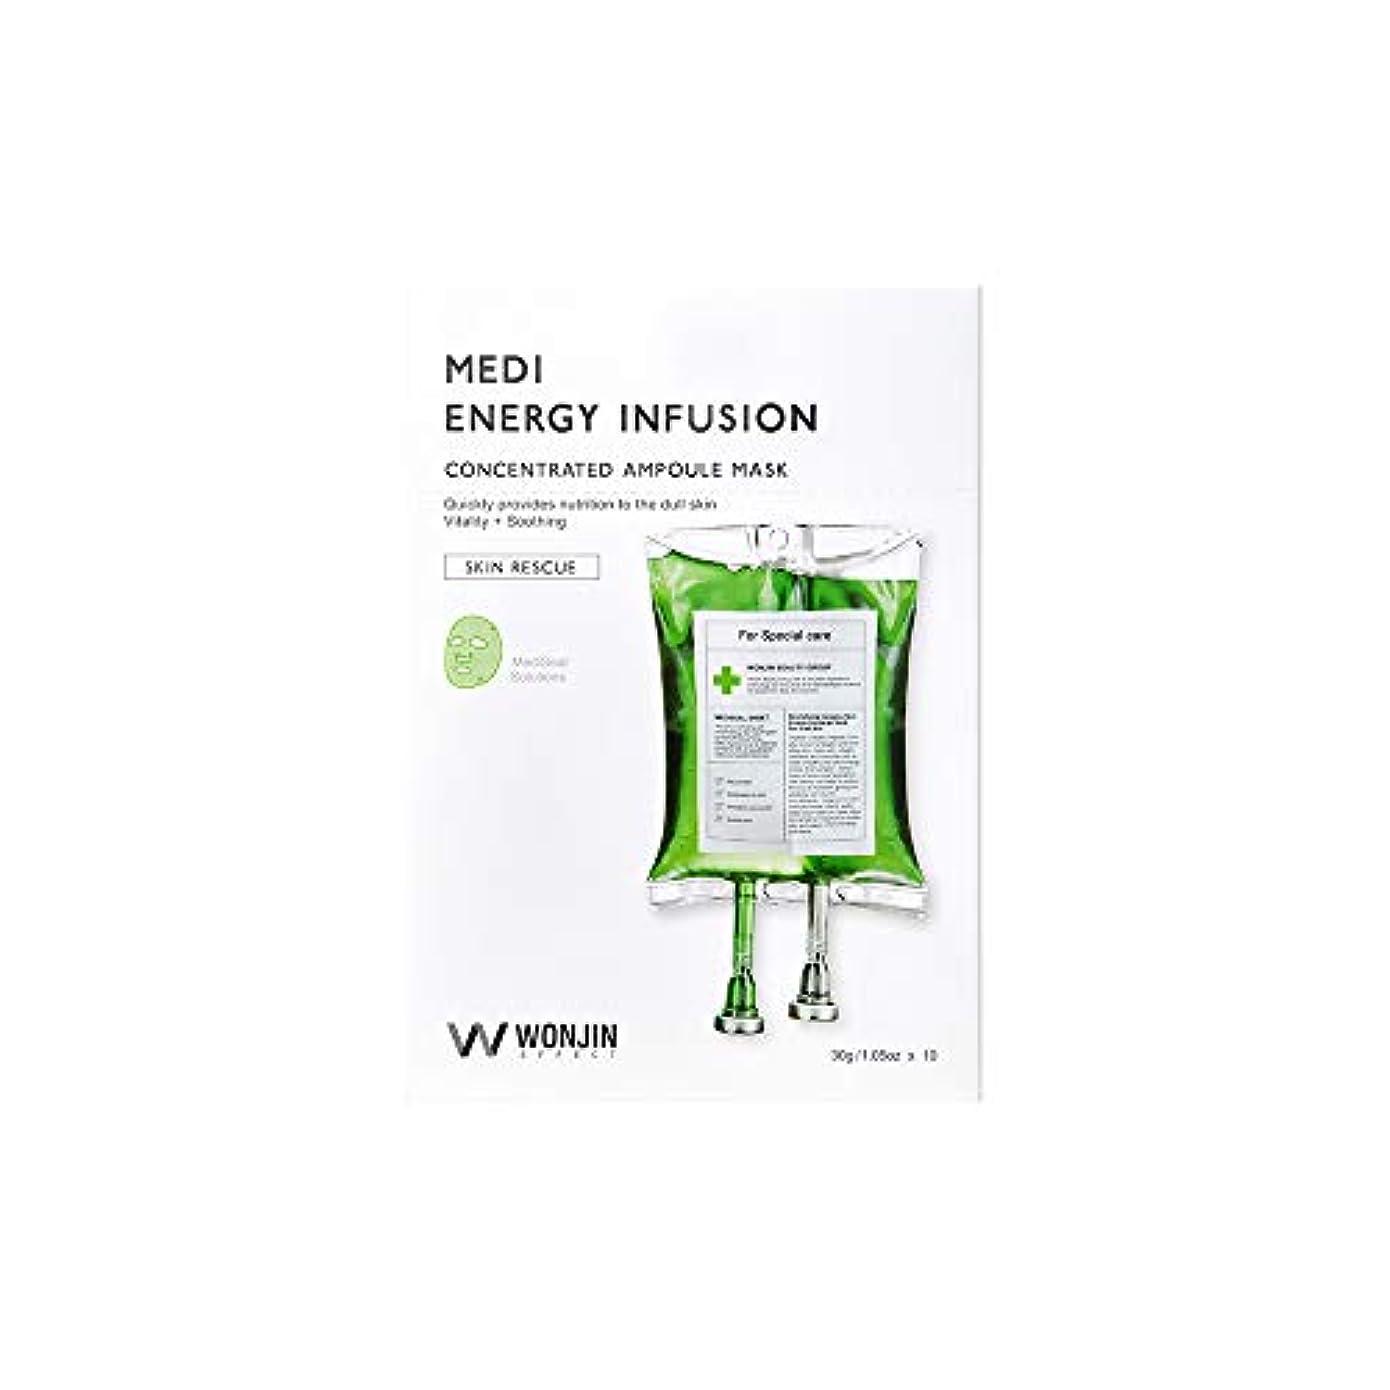 [WONJIN EFFECT] メディア エネルギー インフュージョン マスク MEDI ENERGY INFUSION MASK 10EA [